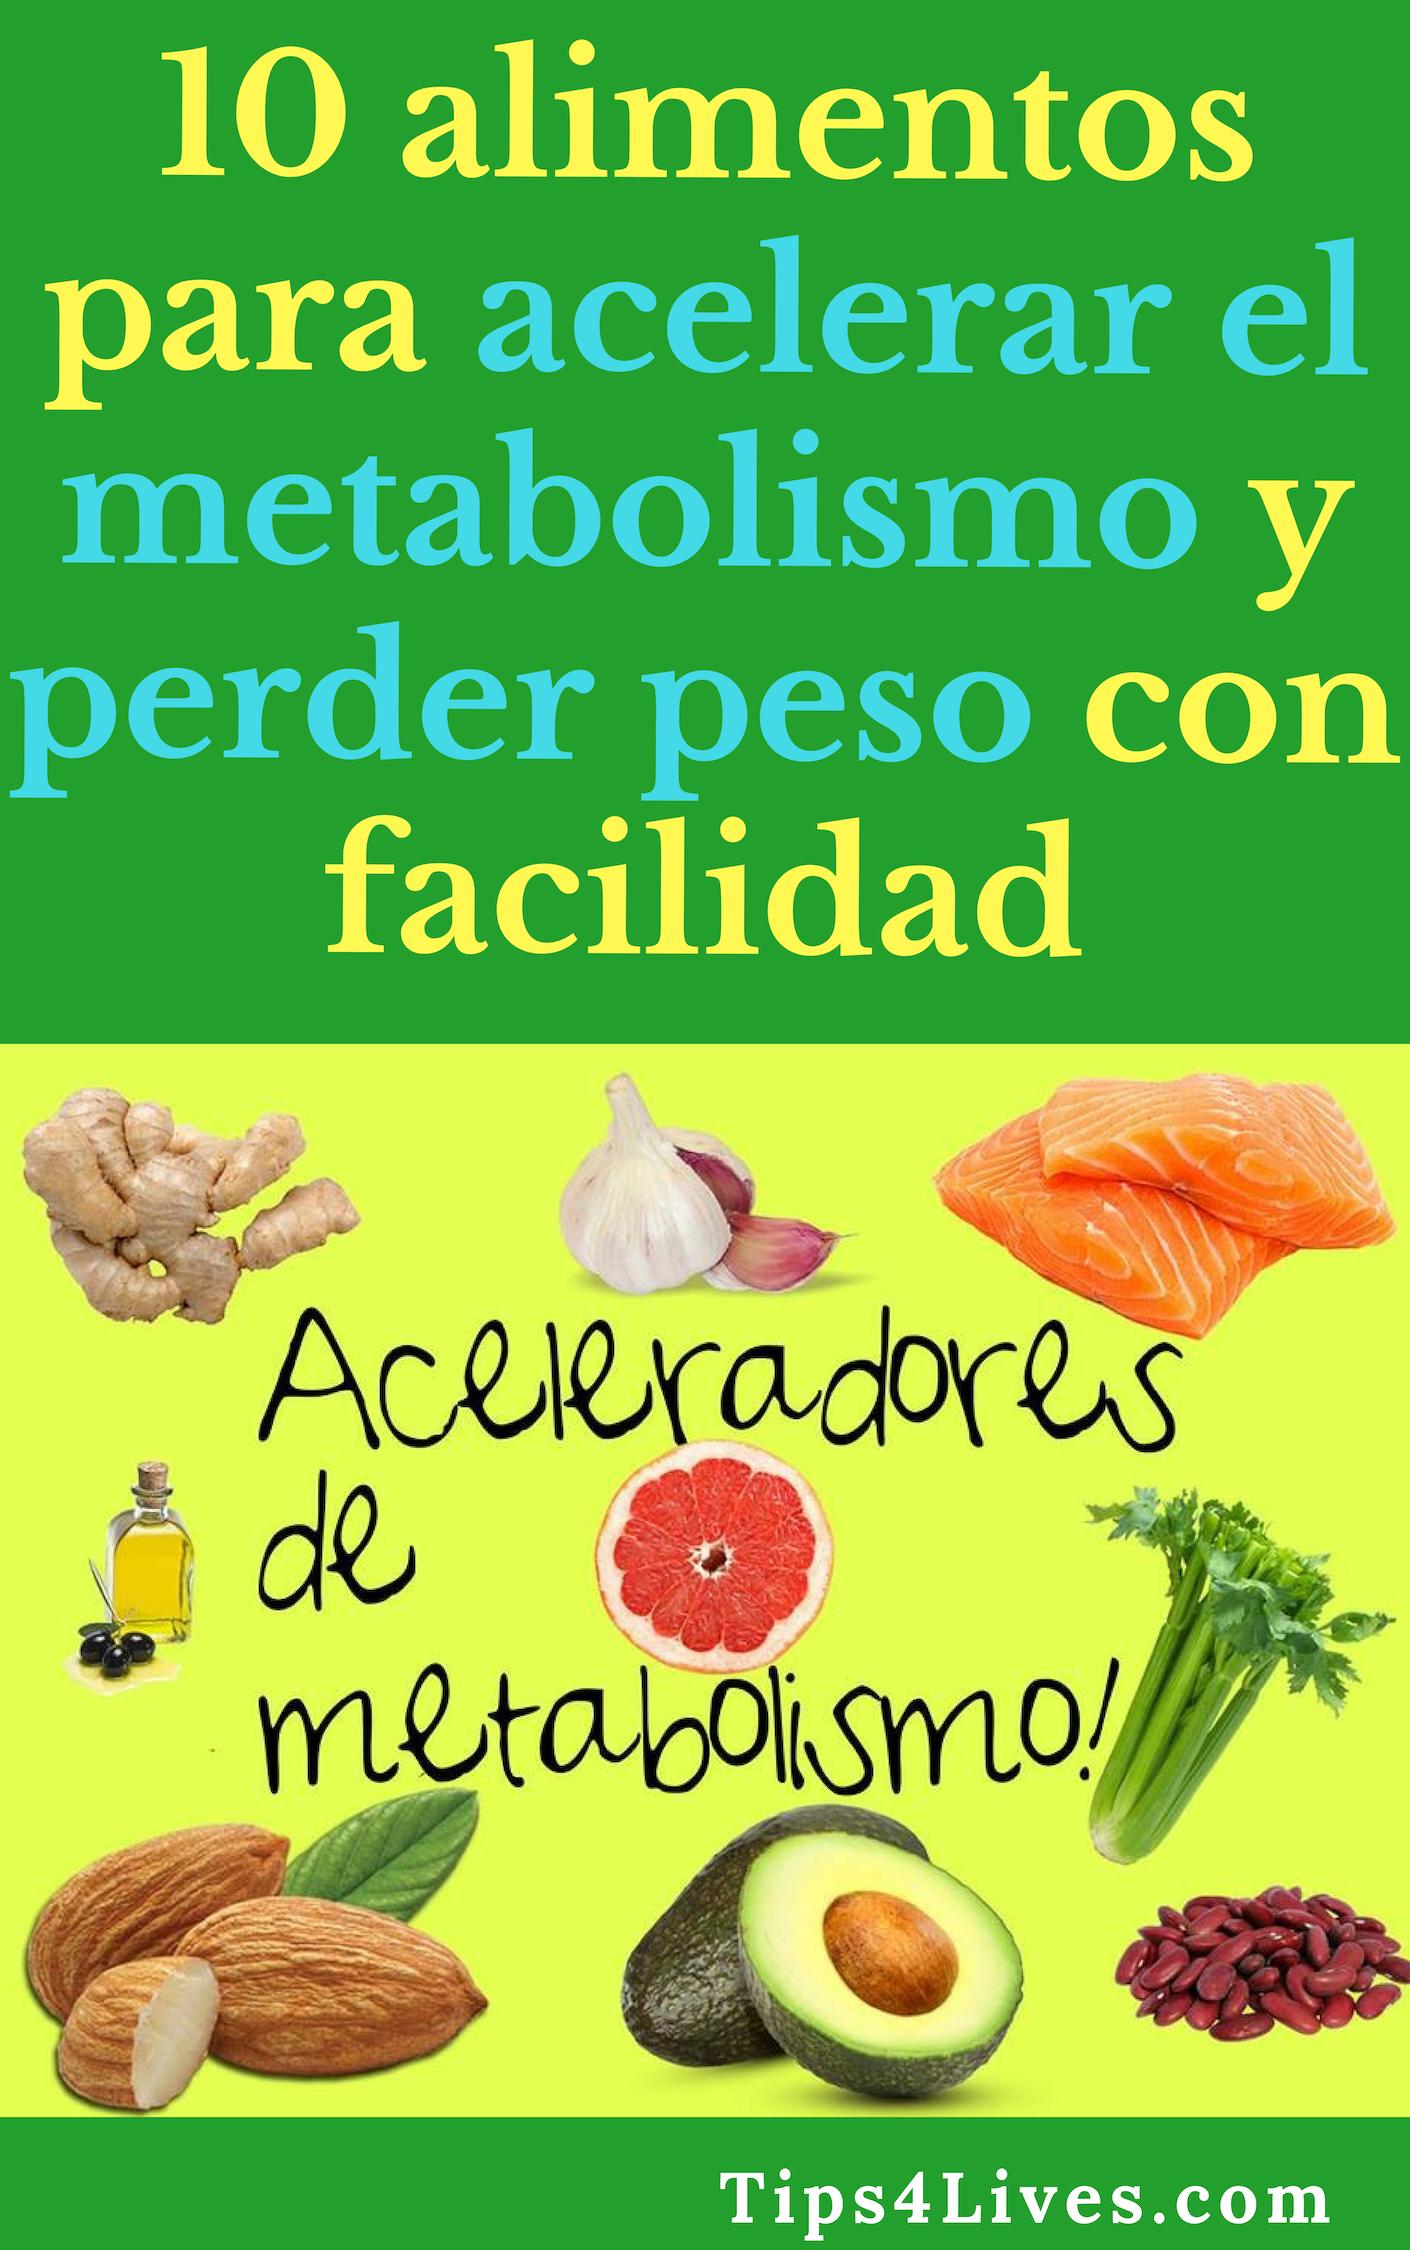 10 alimentos para acelerar el metabolismo y perder peso..